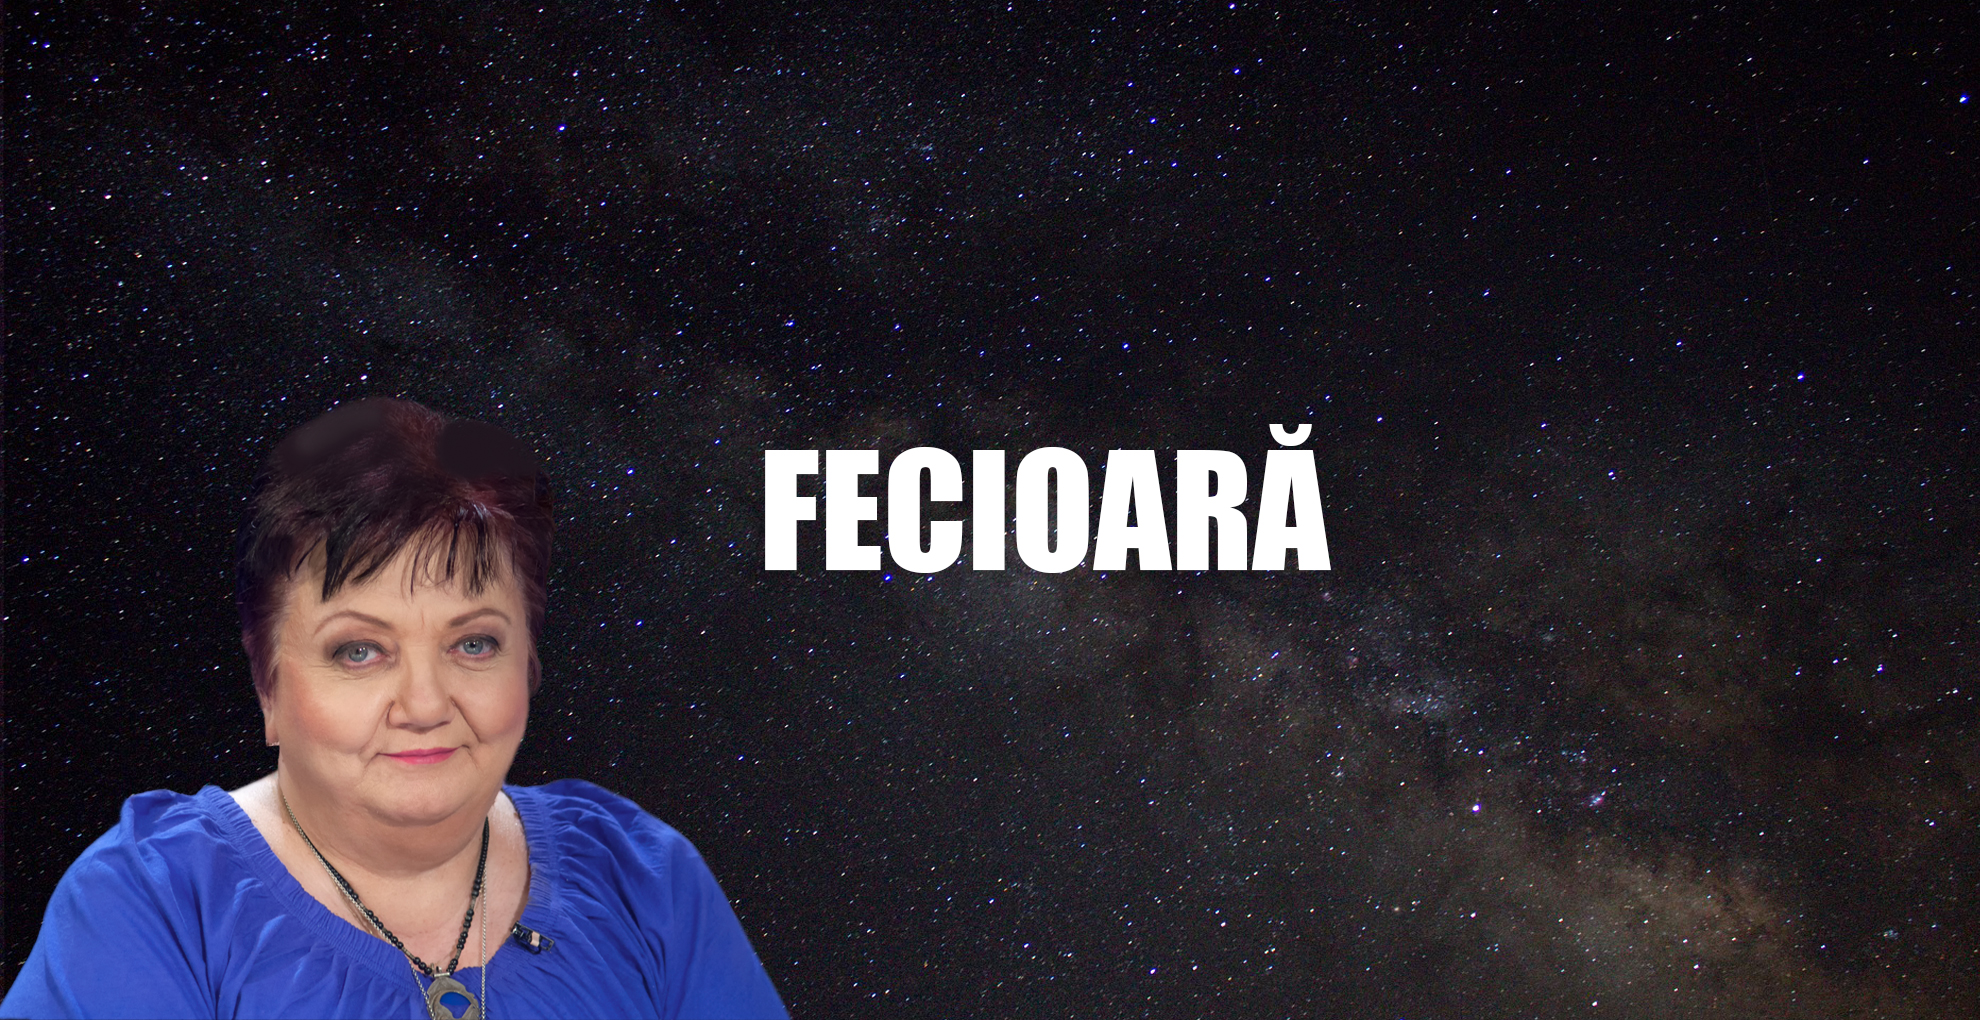 Horoscop Minerva iunie 2021 - Fecioară